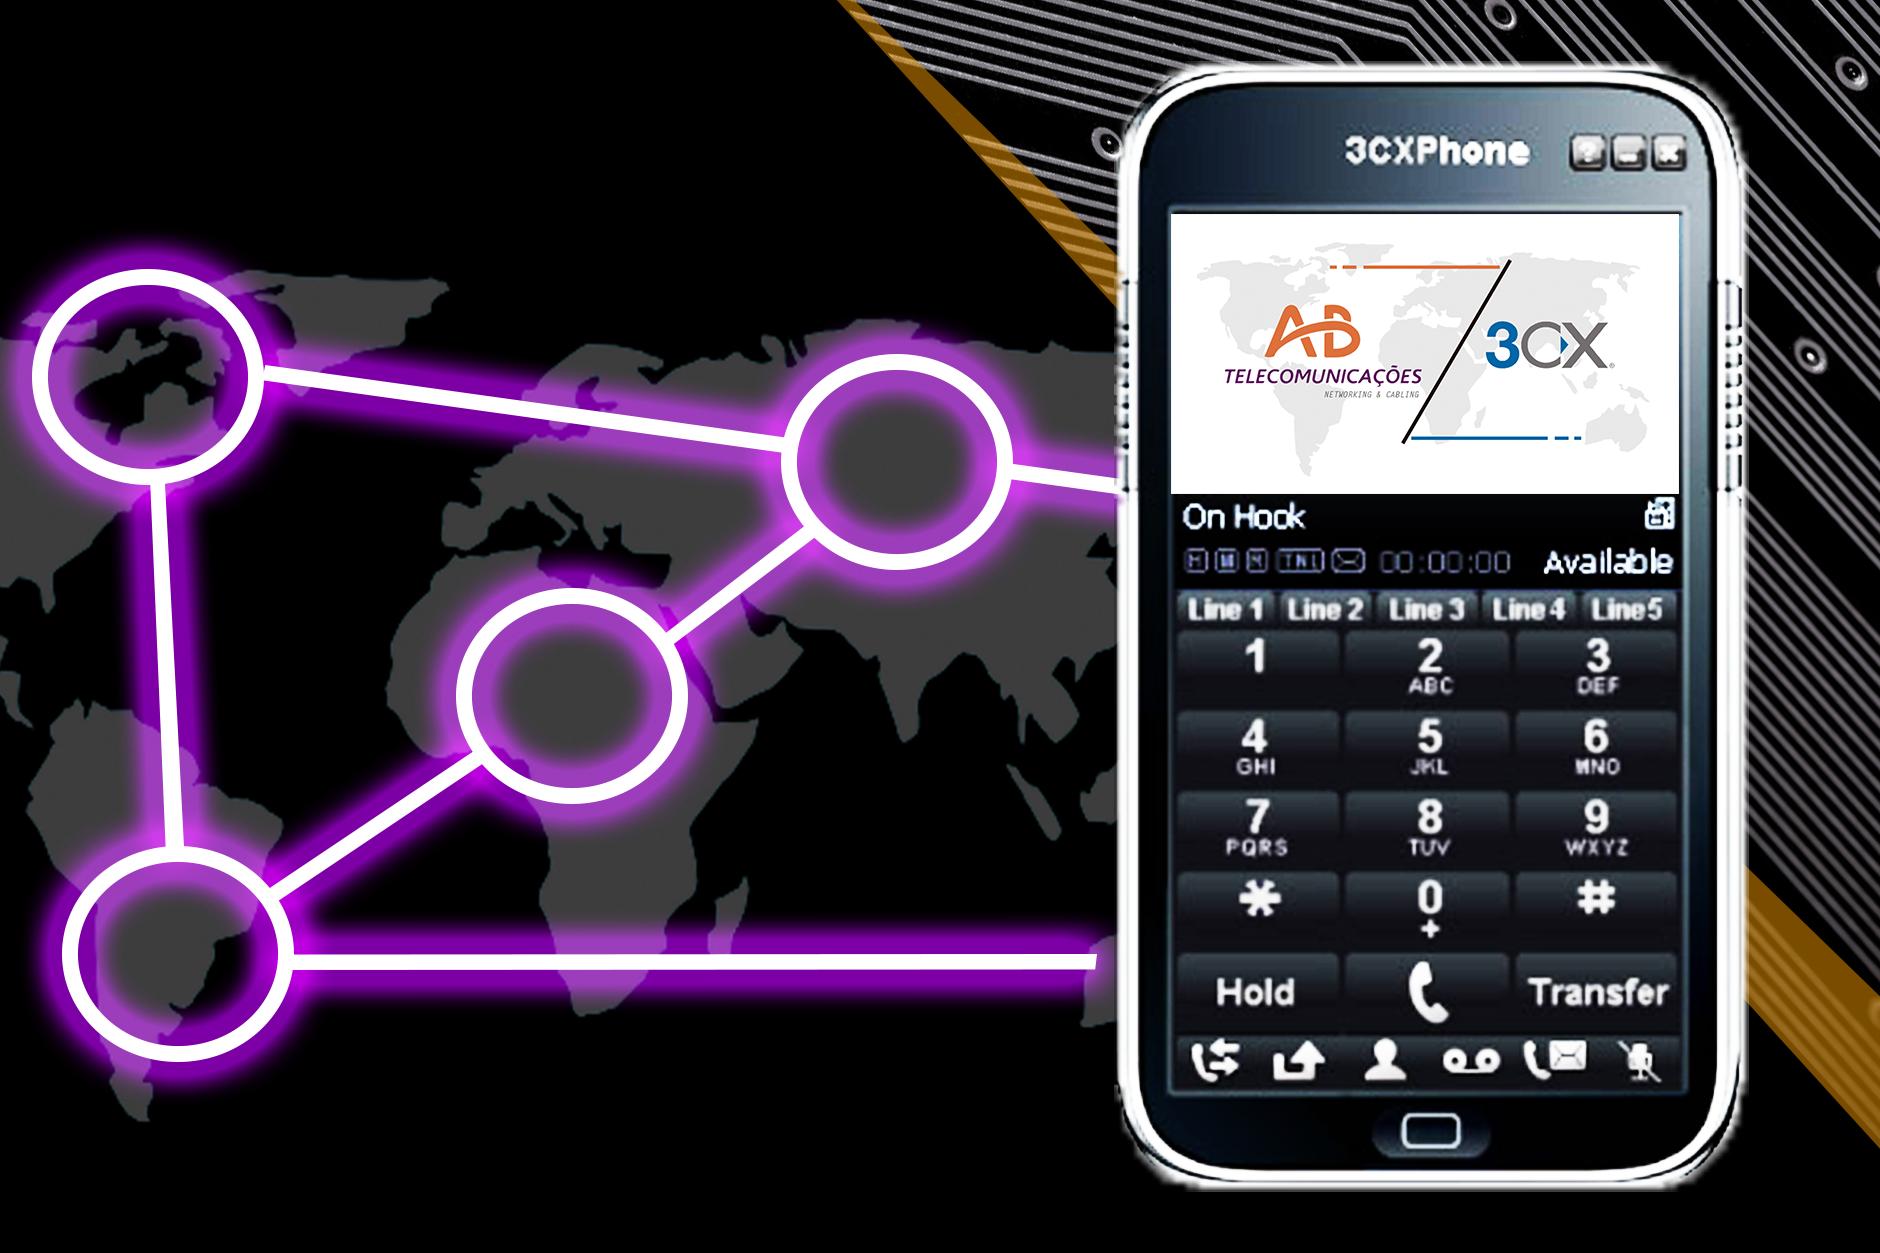 O softphone 3CX para Windows é um softphone gratuito desenvolvido